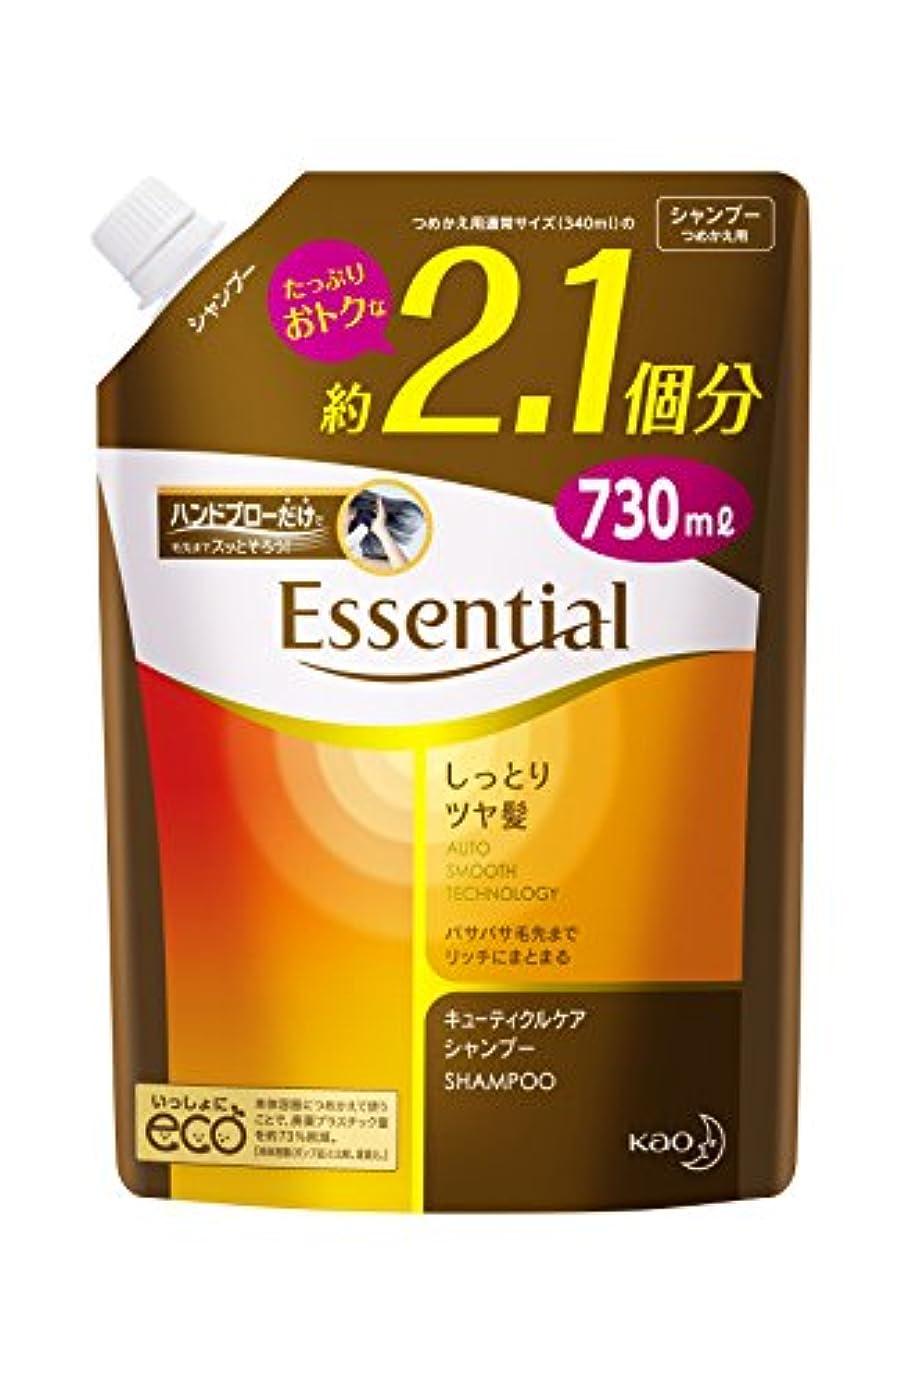 嫌がらせ優先権ピッチャー【大容量】エッセンシャル しっとりツヤ髪シャンプー つめかえ用 730ml(2.1個分)